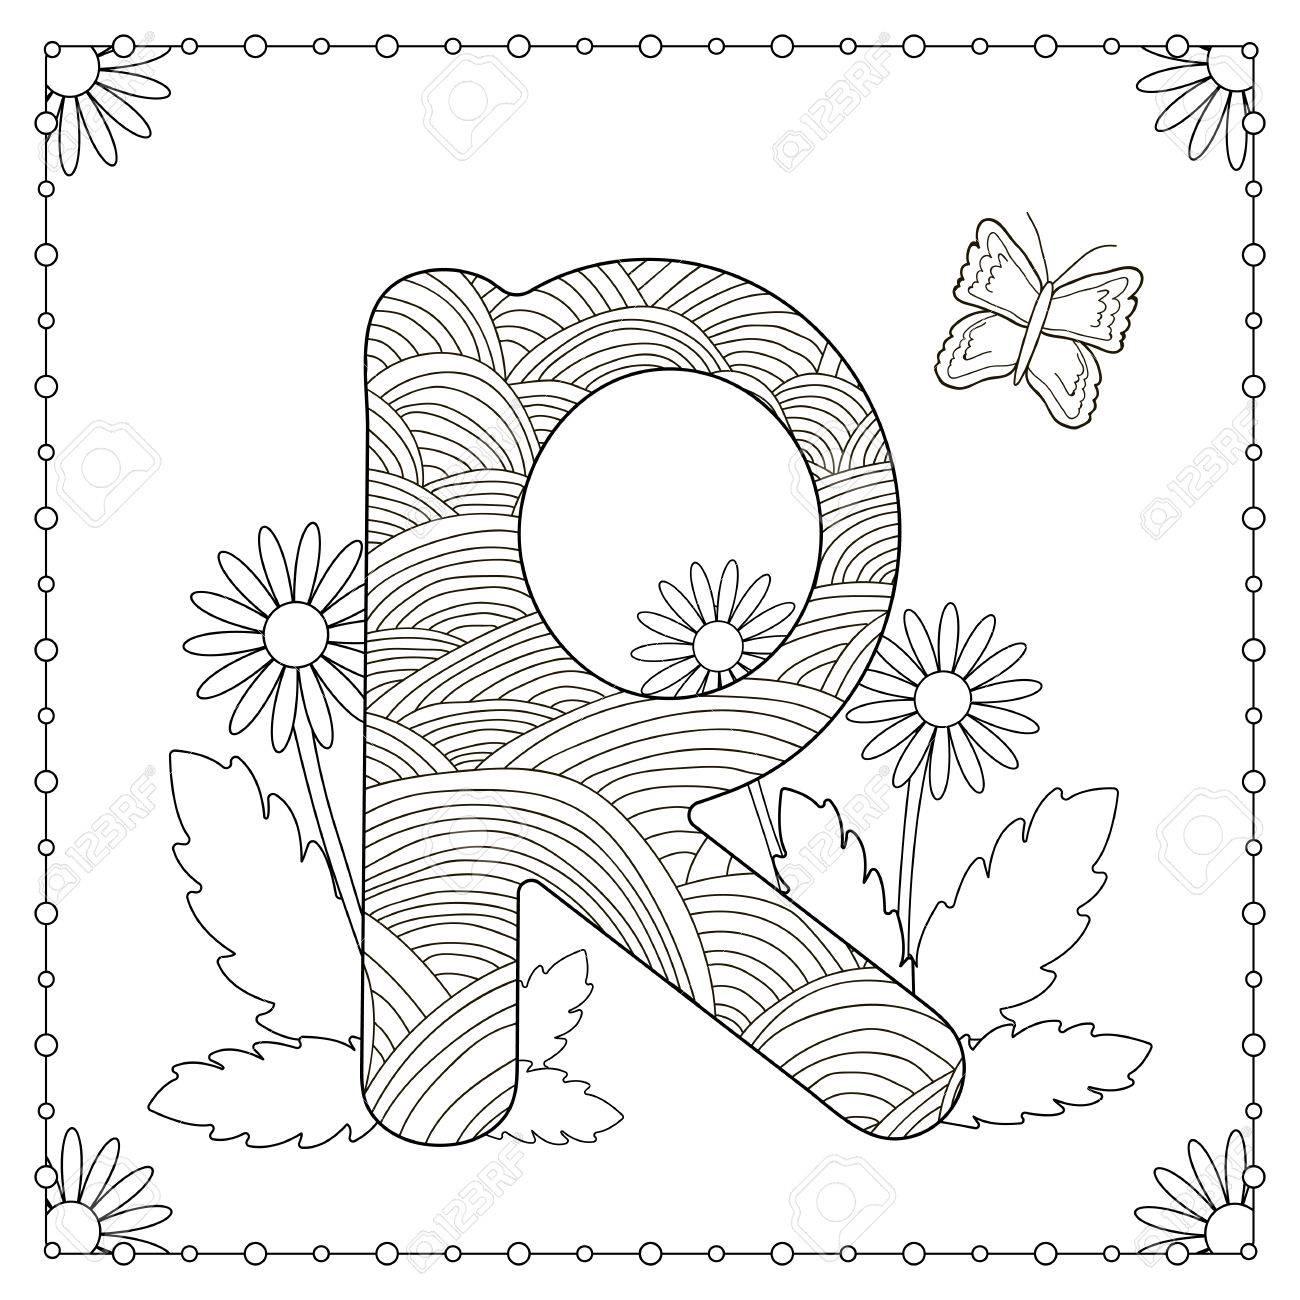 Ausmalbilder Schmetterling Groß : Alphabet Ausmalbilder Gro Buchstabe R Mit Blumen Bl Ttern Und